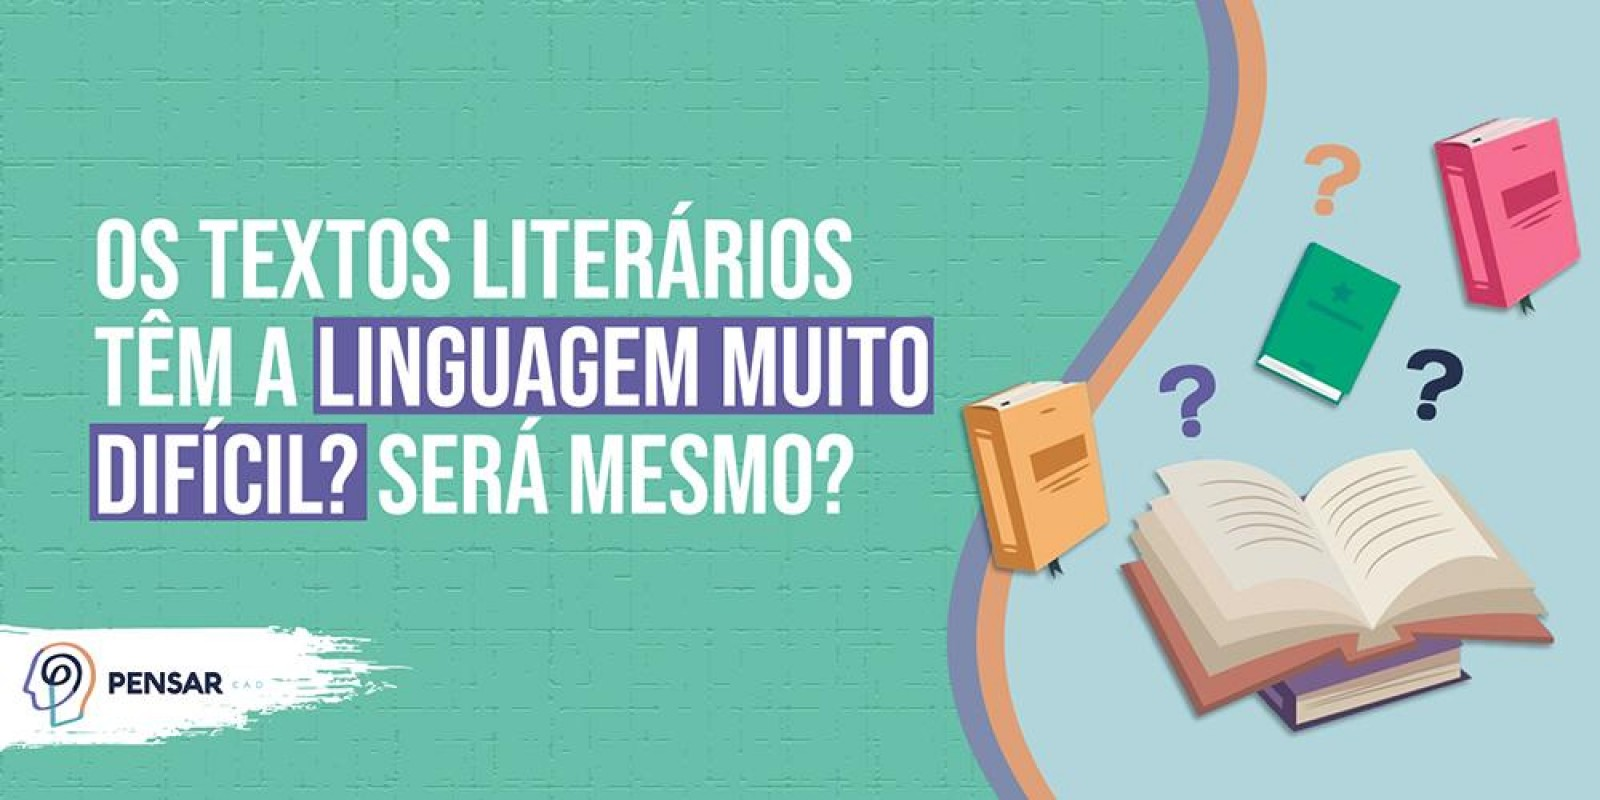 Os textos Literários têm a linguagem muito difícil? Será mesmo?